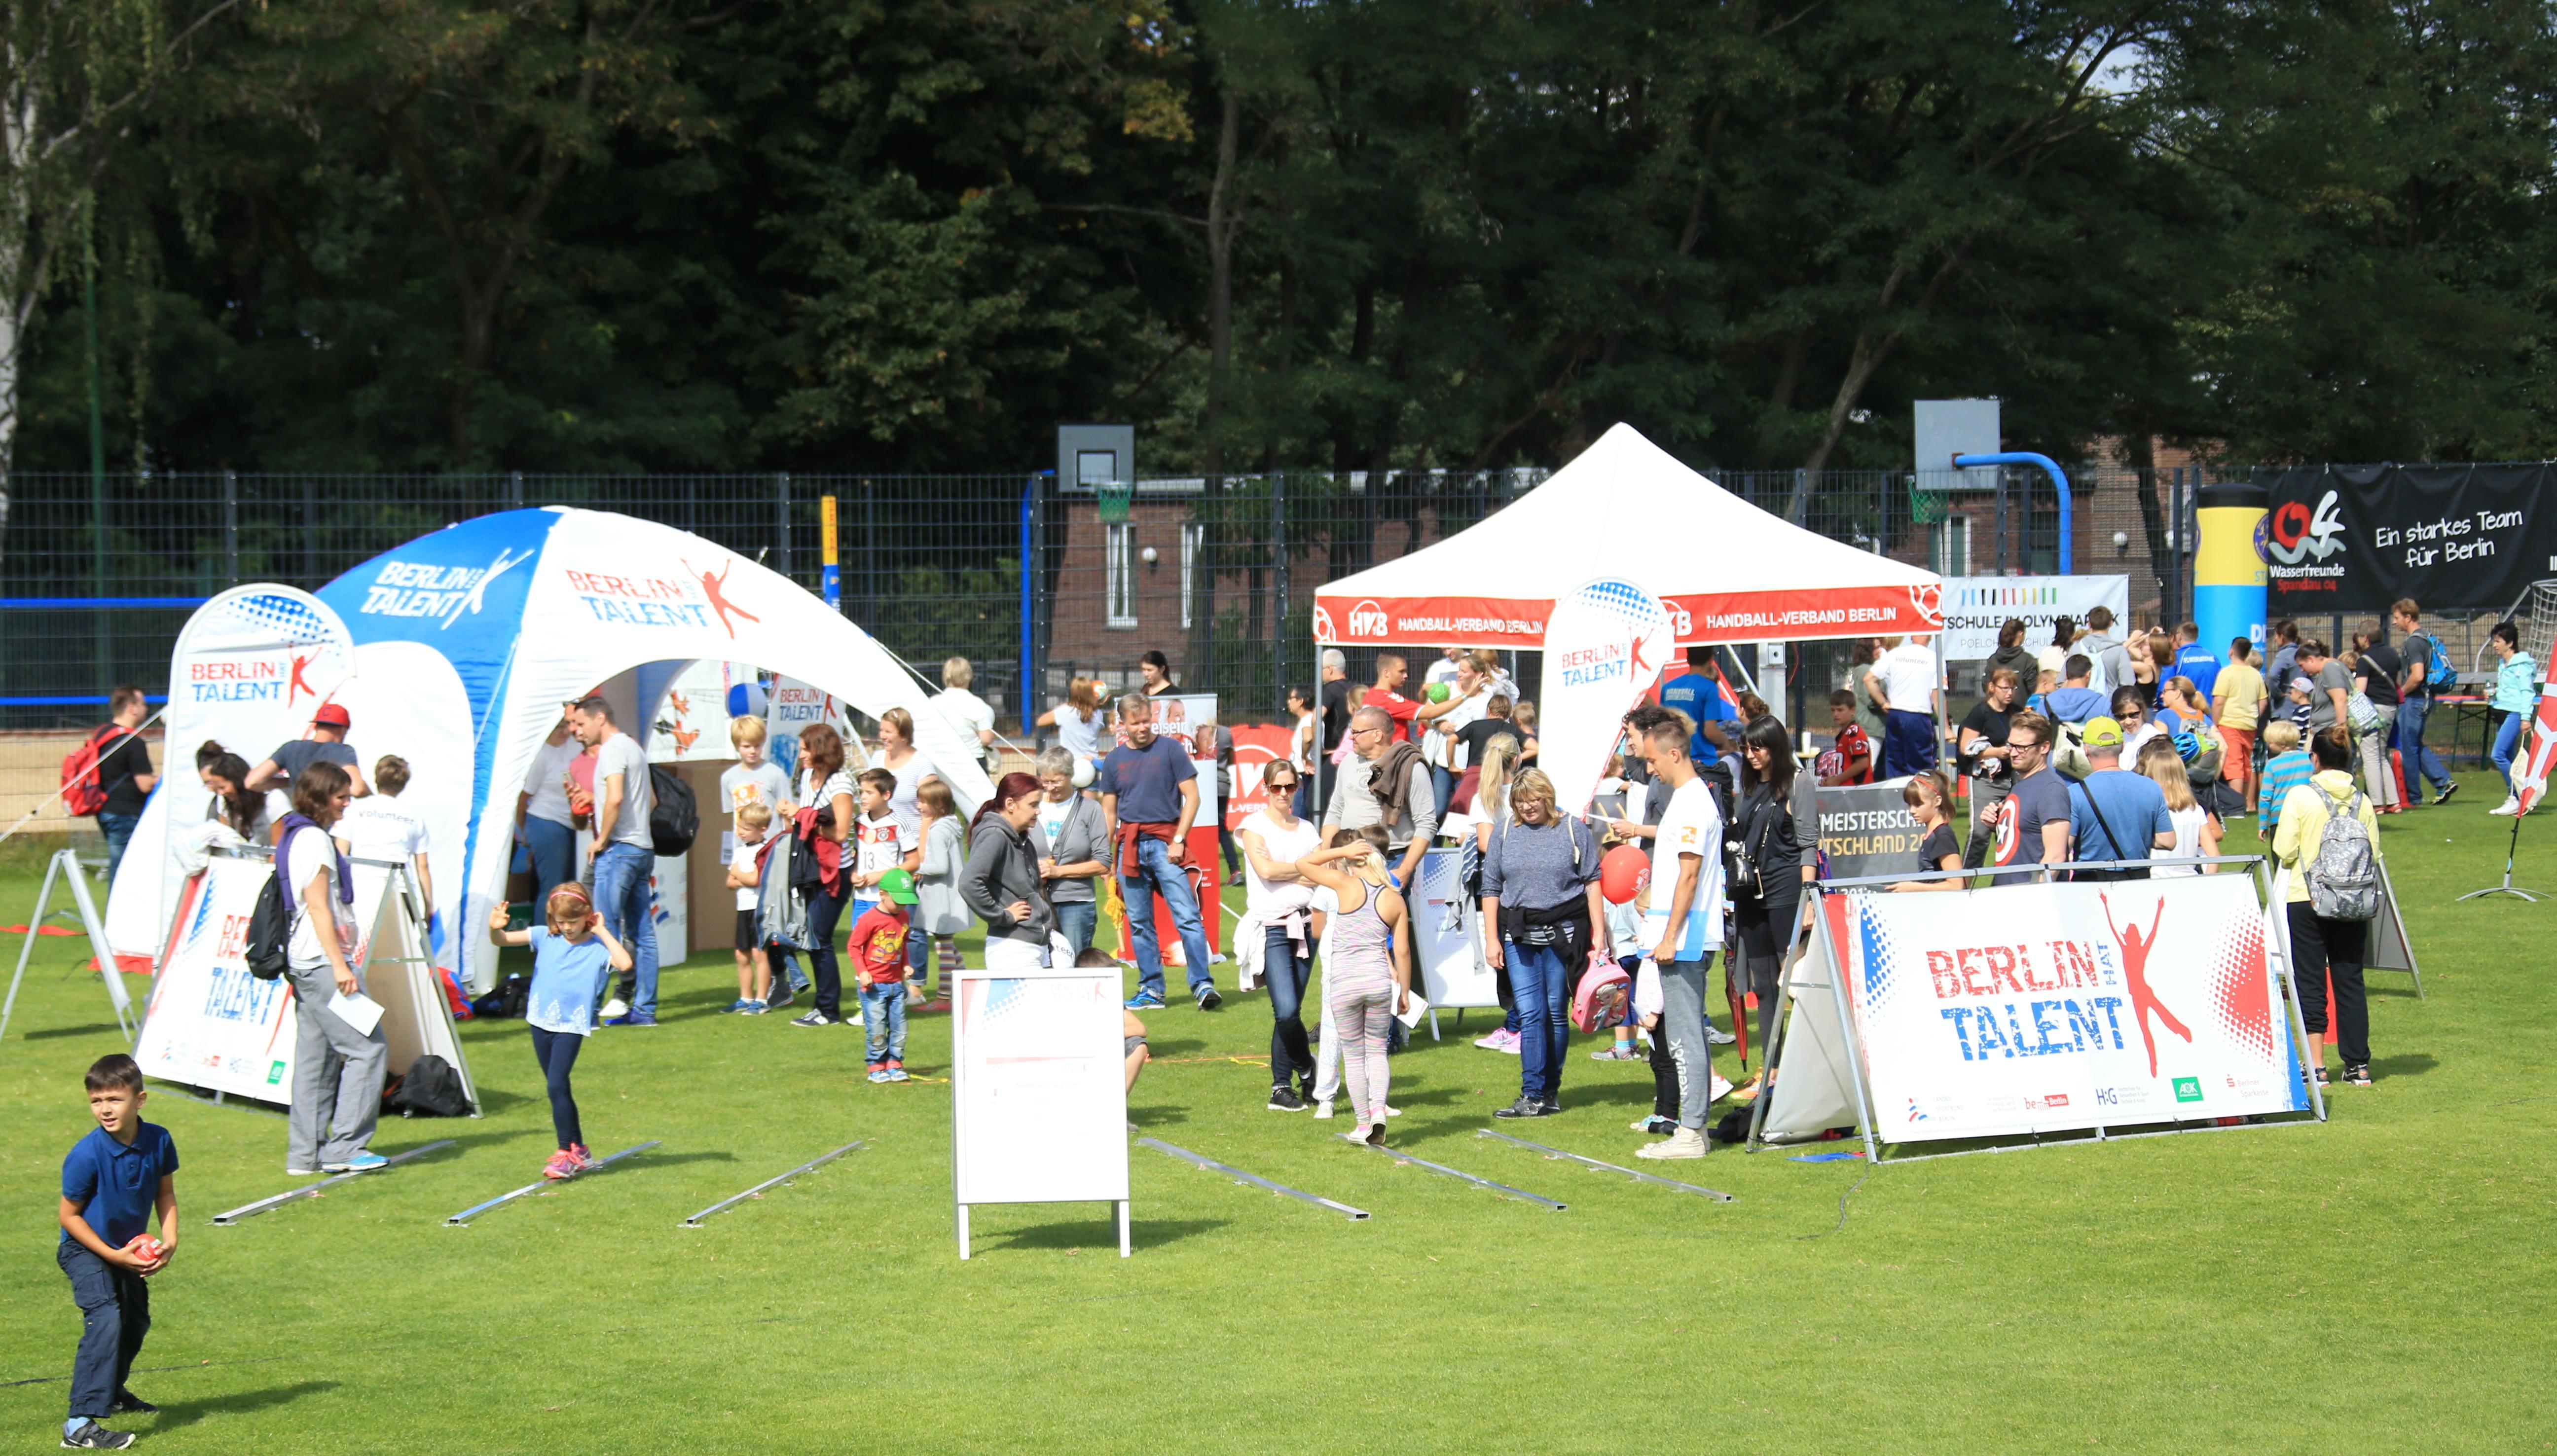 LSB Berlin, Berlin hat Talent, Familiensportfest im Olympiapark, 2017, Foto: Engler